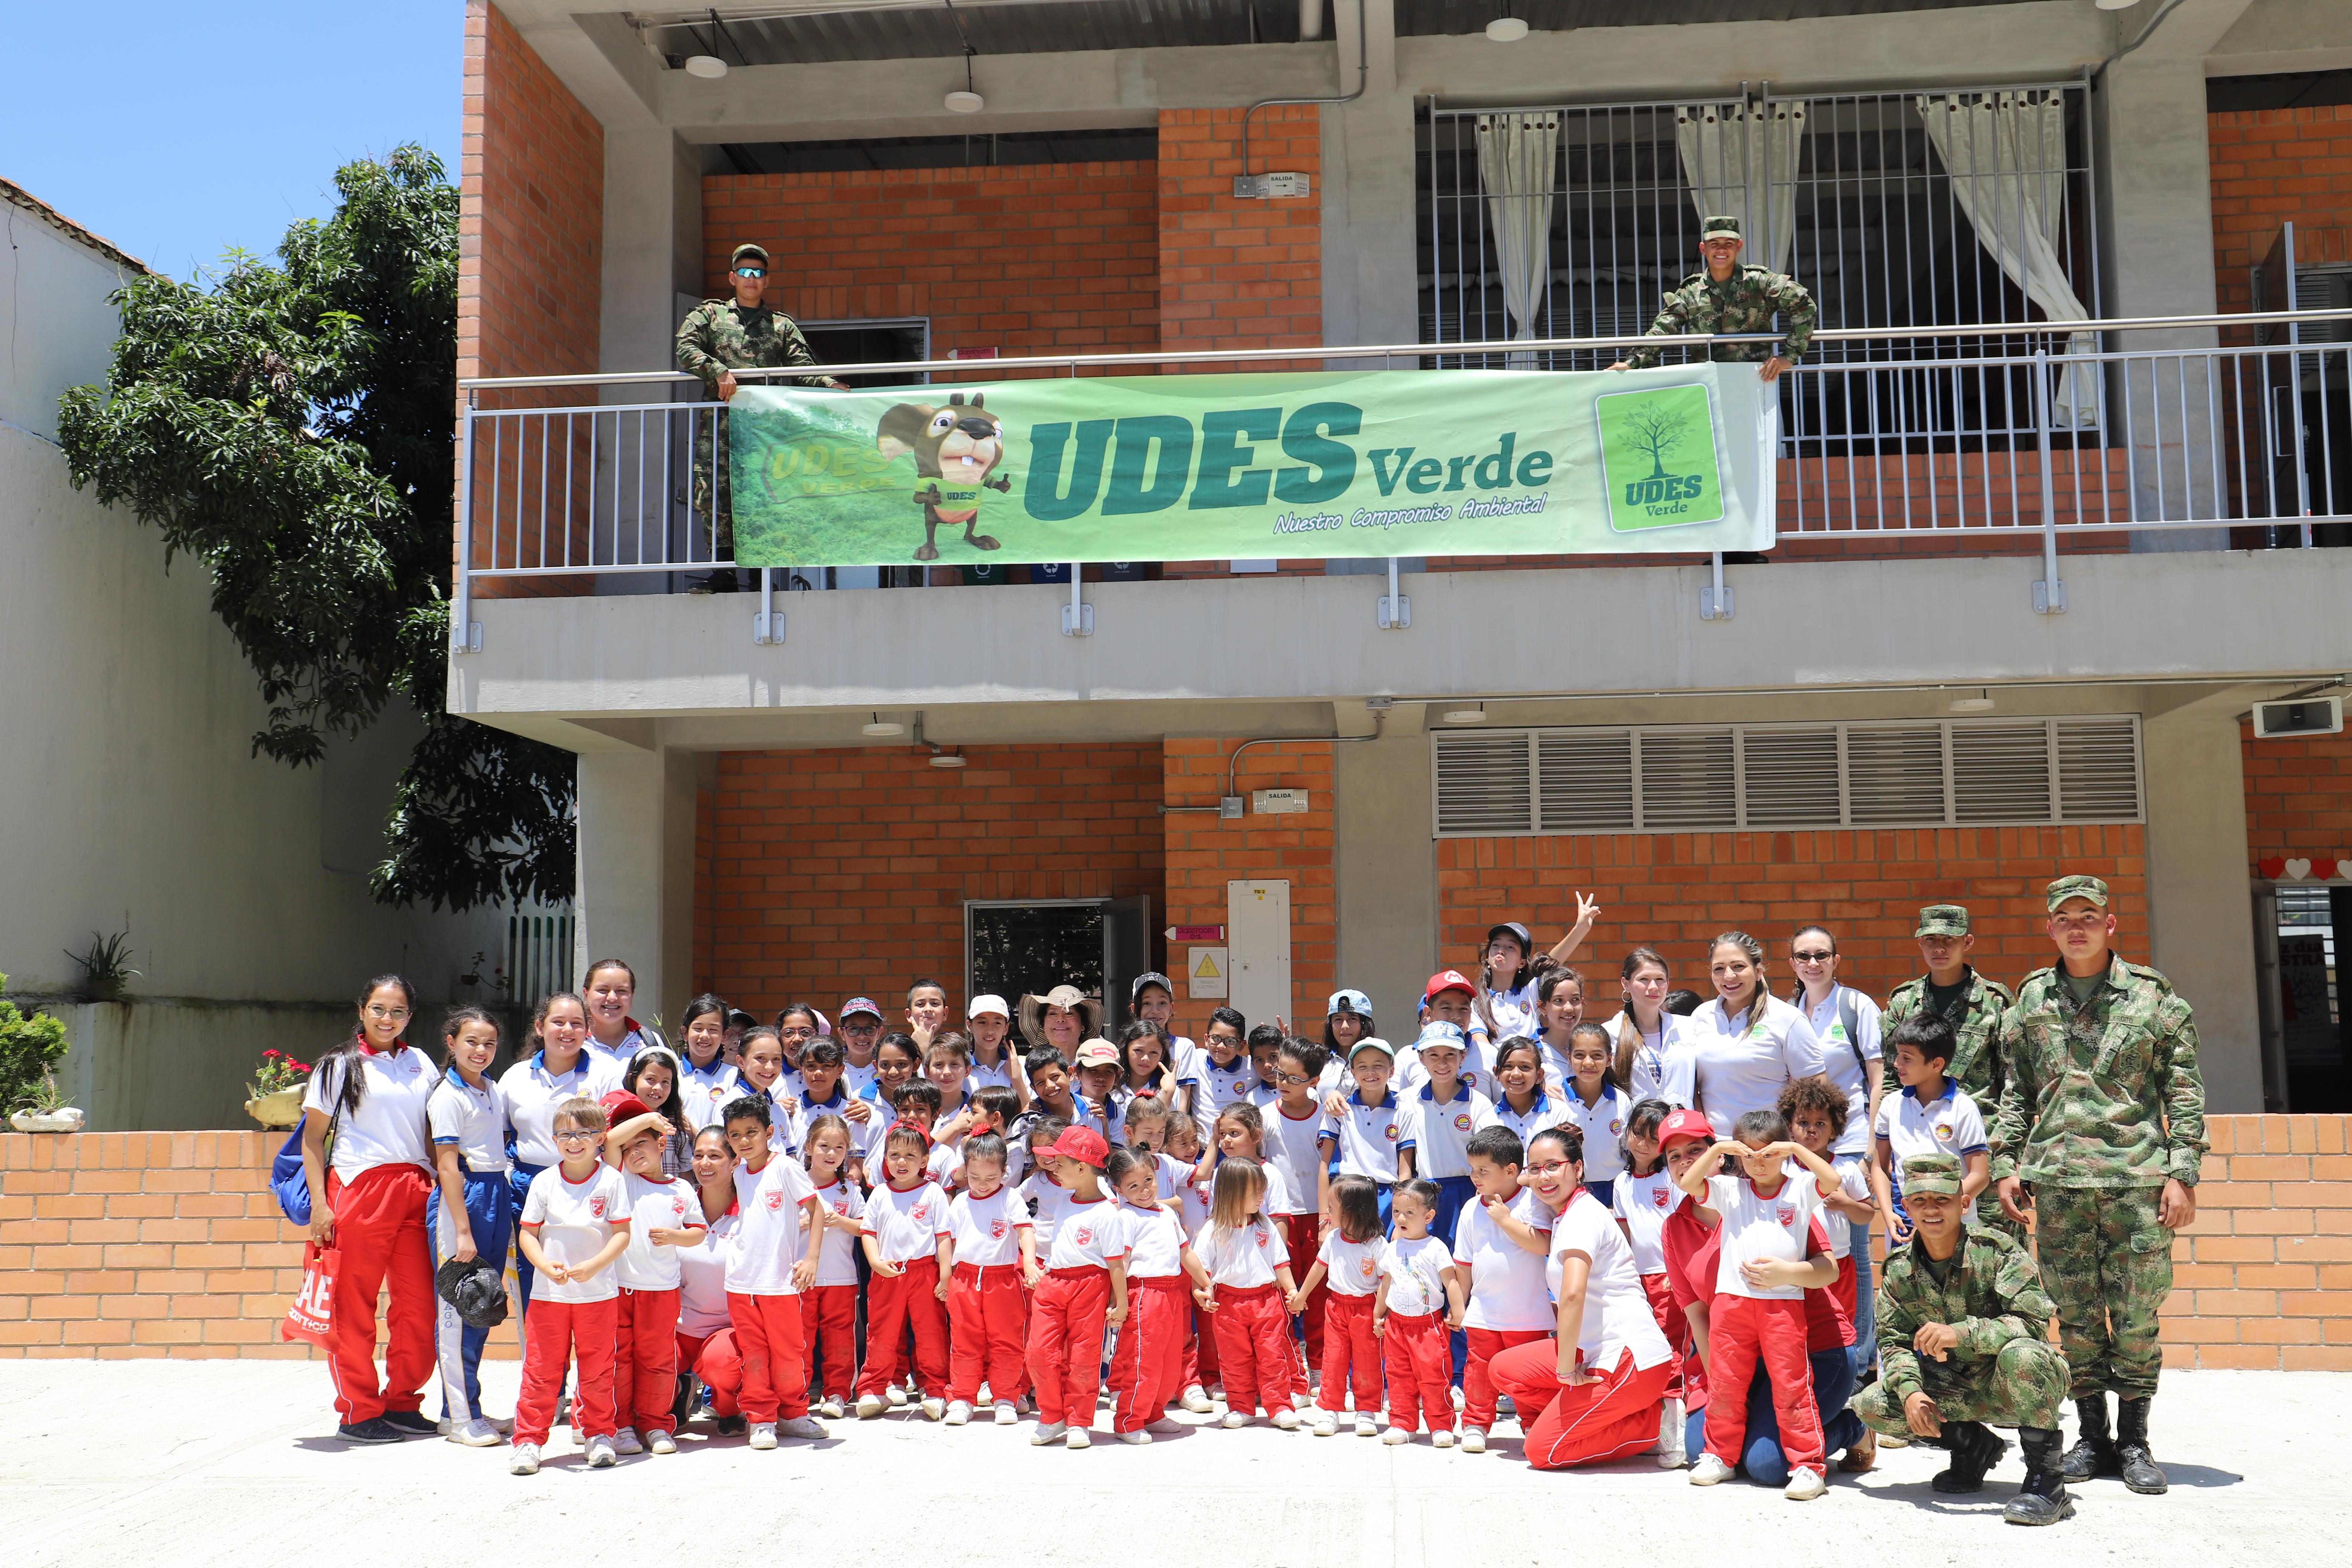 Jornada de siembratón en la UDES Verde. Estrategia para conservar y preservar el medio ambiente | Educación | Variedades | EL FRENTE